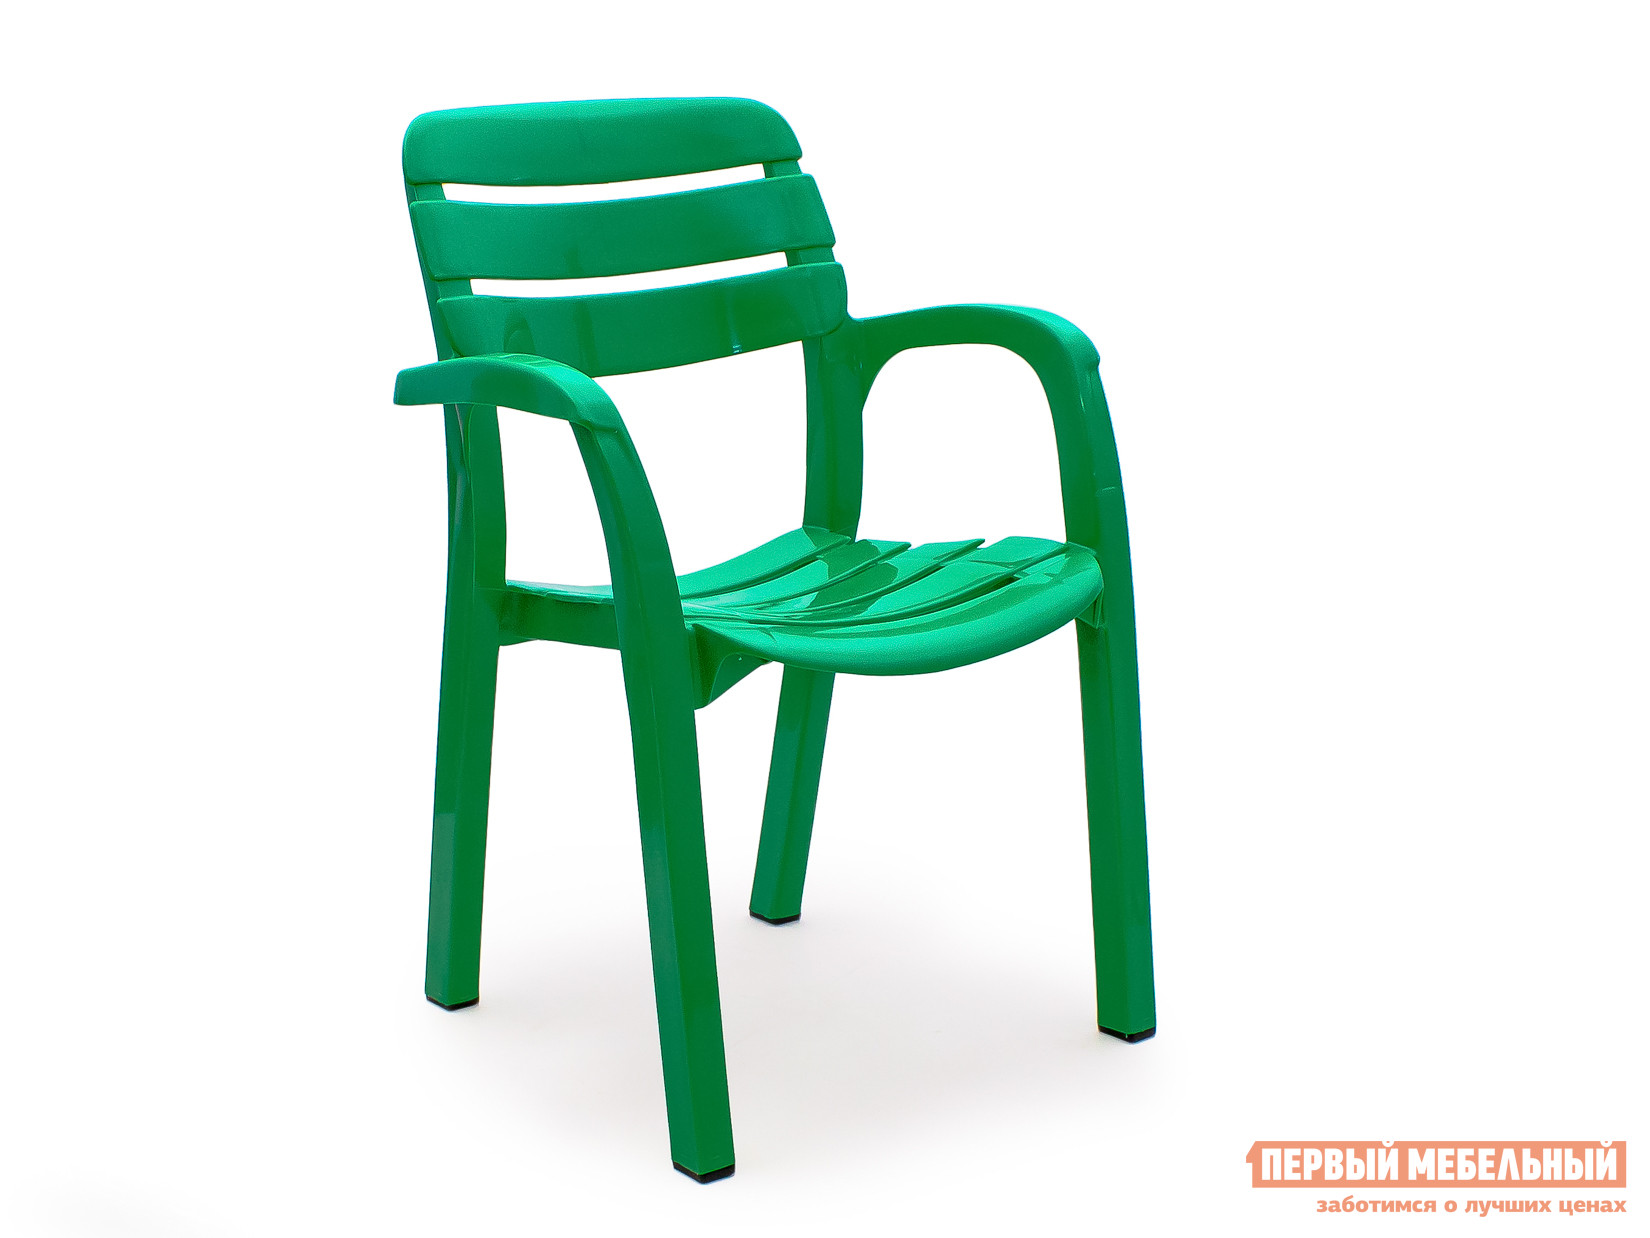 Пластиковый стул Стандарт Пластик Кресло №3 Далгория (600х440х830мм) ЗеленыйПластиковые стулья<br>Габаритные размеры ВхШхГ 830x600x440 мм. Удобное для использования на выездных мероприятиях, идеальное кресло для дачи, загородных участков, открытых кафе.  С помощью такой мебели можно быстро и без хлопот собрать компанию на природу, обеспечив комфорт каждому гостю.  Лаконичный стиль исполнения позволит использовать это кресло в любой обстановке. Максимальная нагрузка — до 130 кг. Высота от пола до сиденья — 440 мм. Изделие выполнено из экологически чистого сырья.  Не боится воды.  Легкое по весу.<br><br>Цвет: Зеленый<br>Высота мм: 830<br>Ширина мм: 600<br>Глубина мм: 440<br>Кол-во упаковок: 1<br>Форма поставки: В собранном виде<br>Срок гарантии: 1 год<br>С подлокотниками: Да